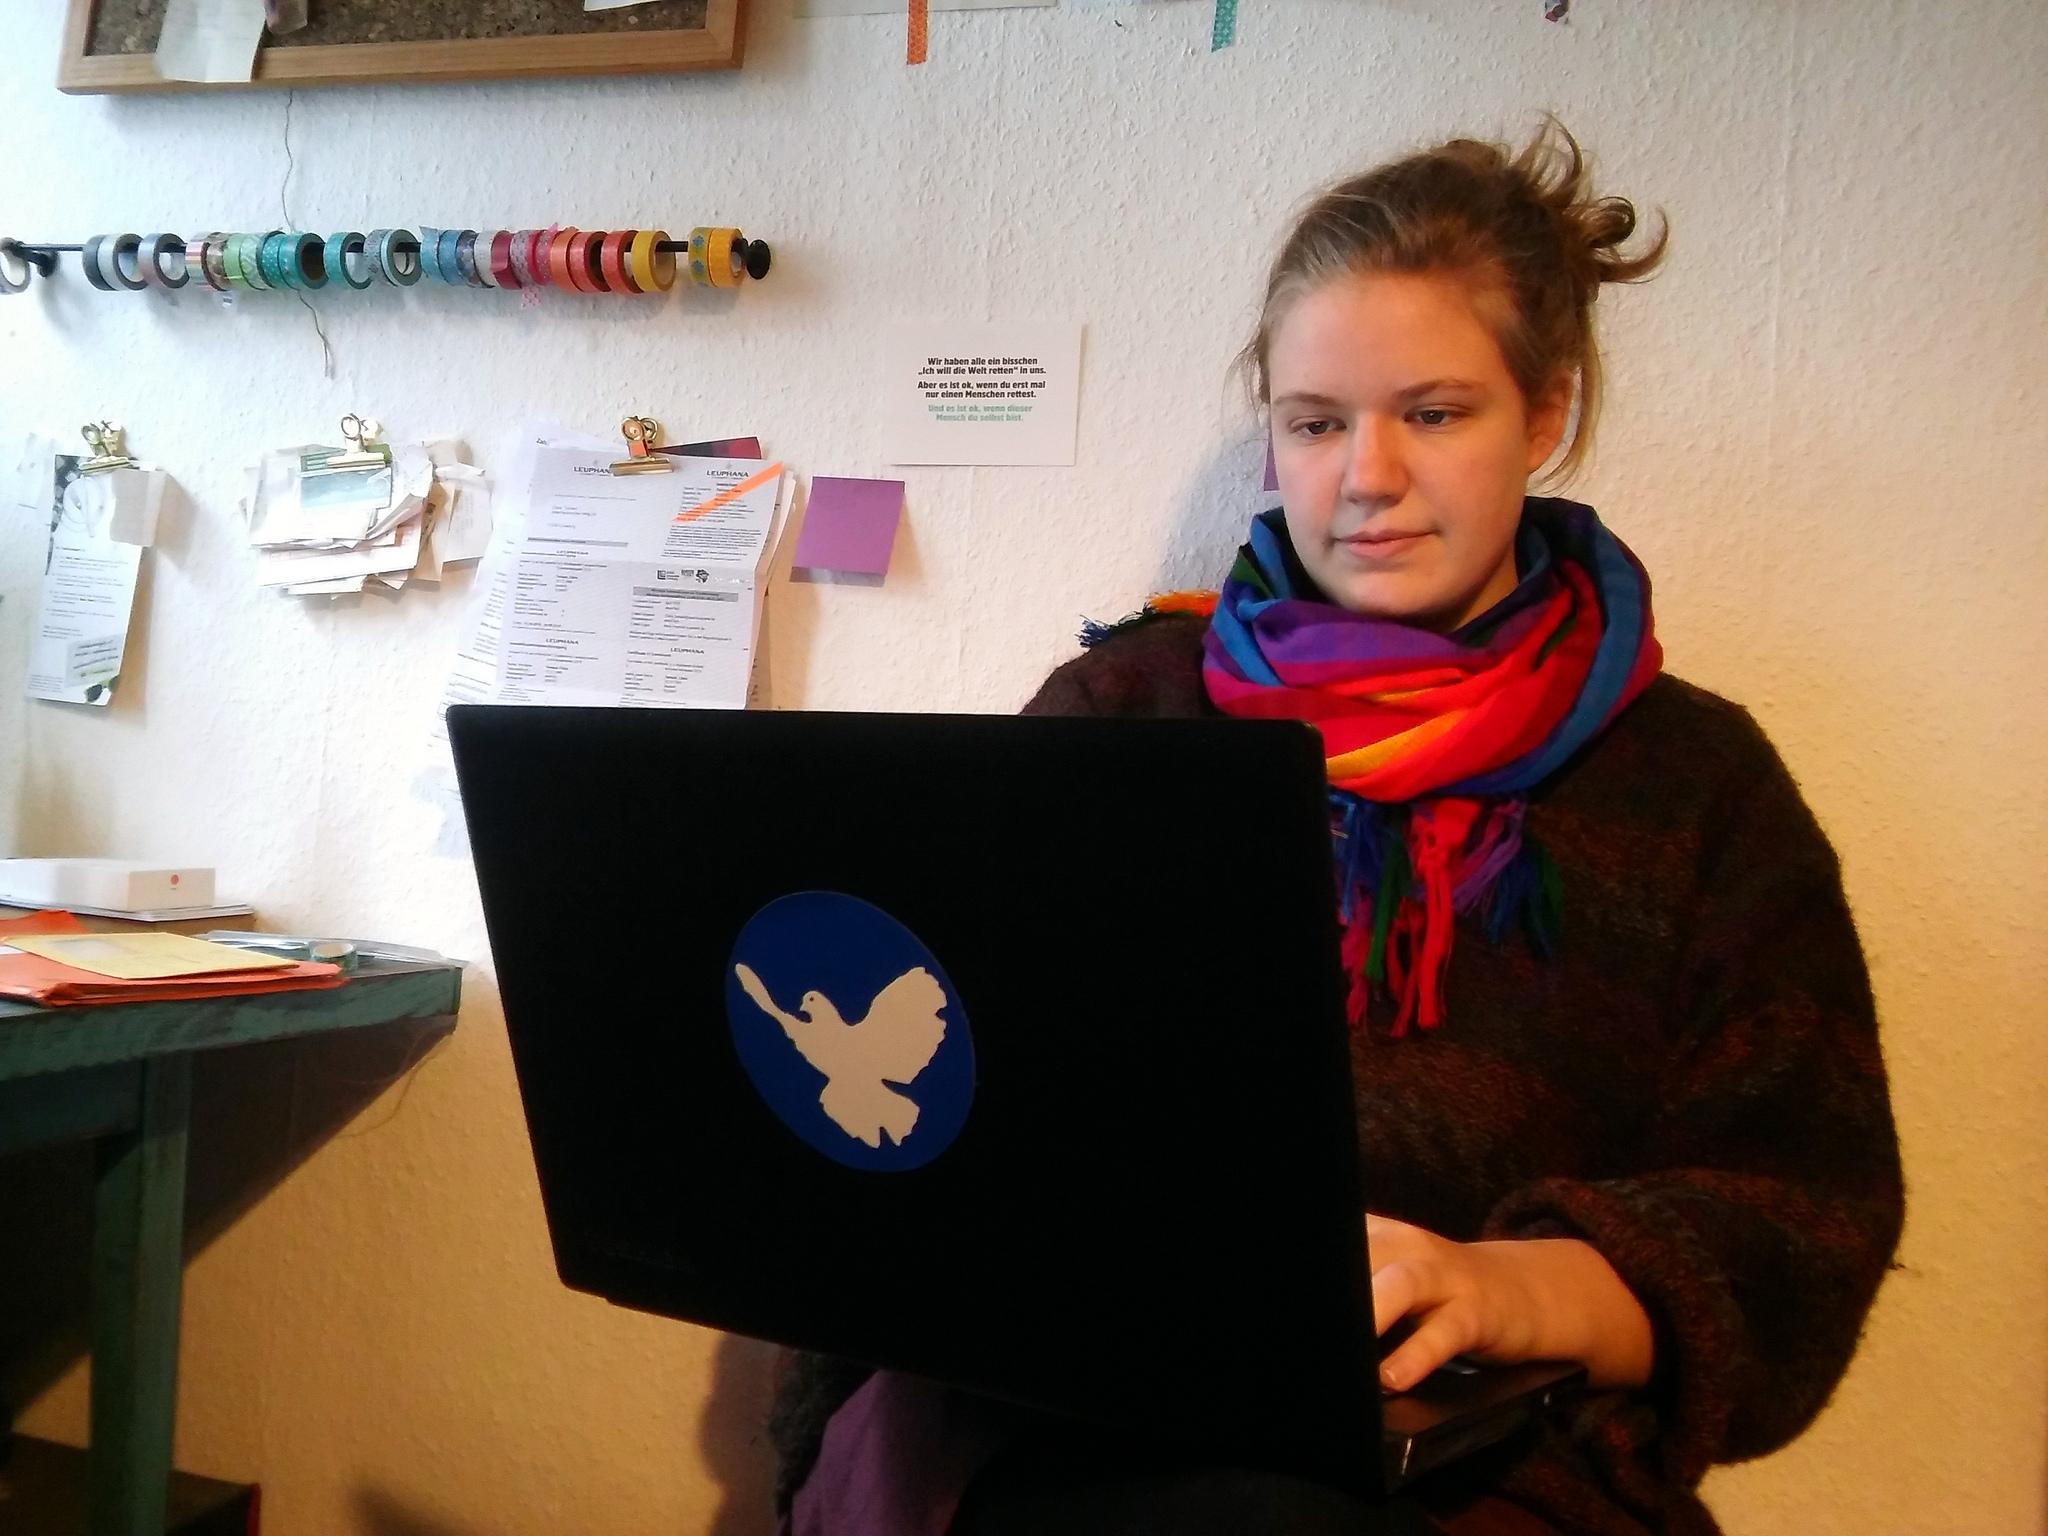 Eine junge Frau mit hellem Gesicht und zurückgebundenen Haaren sitzt entspannt an eine Wand gelehnt und schaut auf den Bildschirm des aufgeklappten Laptops auf ihren Knien. Der Laptop-Deckel ist mit einer Friedenstaube beklebt.